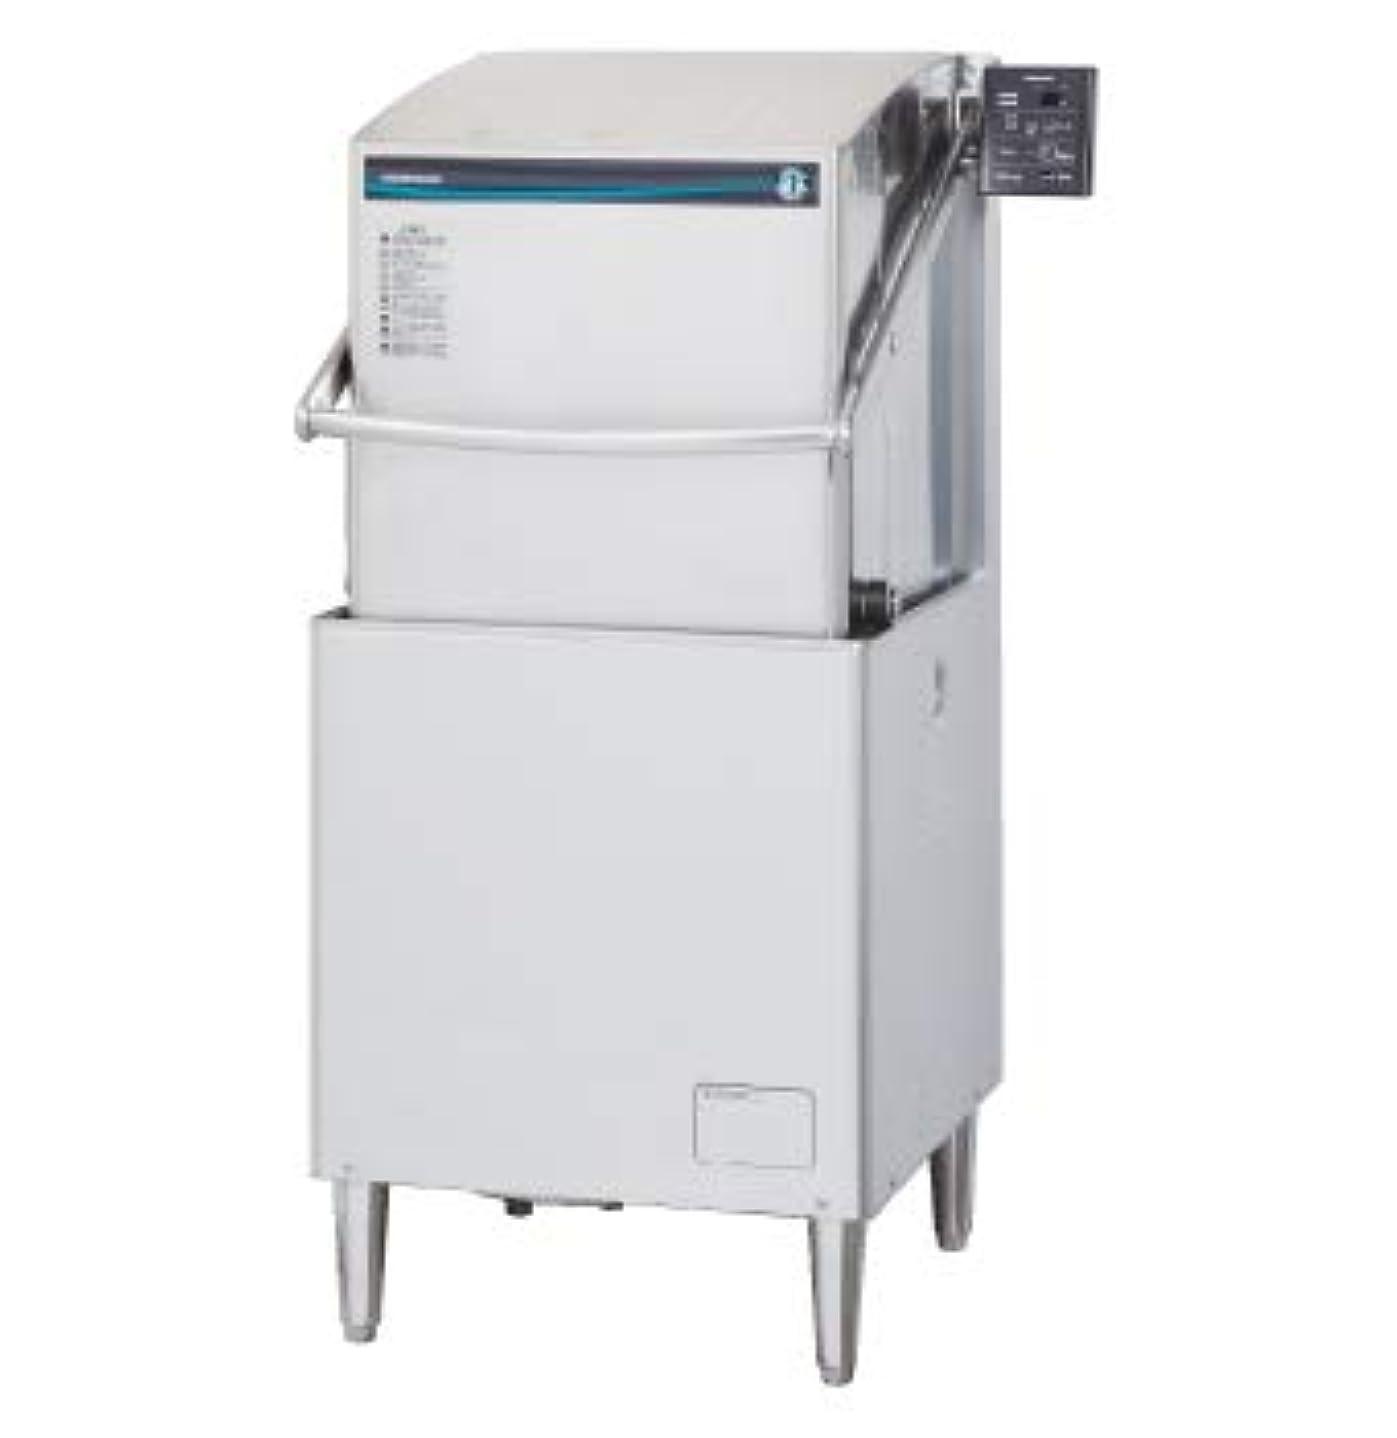 深い税金カストディアンホシザキ 業務用食器洗浄機 JWE-580UB 貯湯タンク内臓タイプ